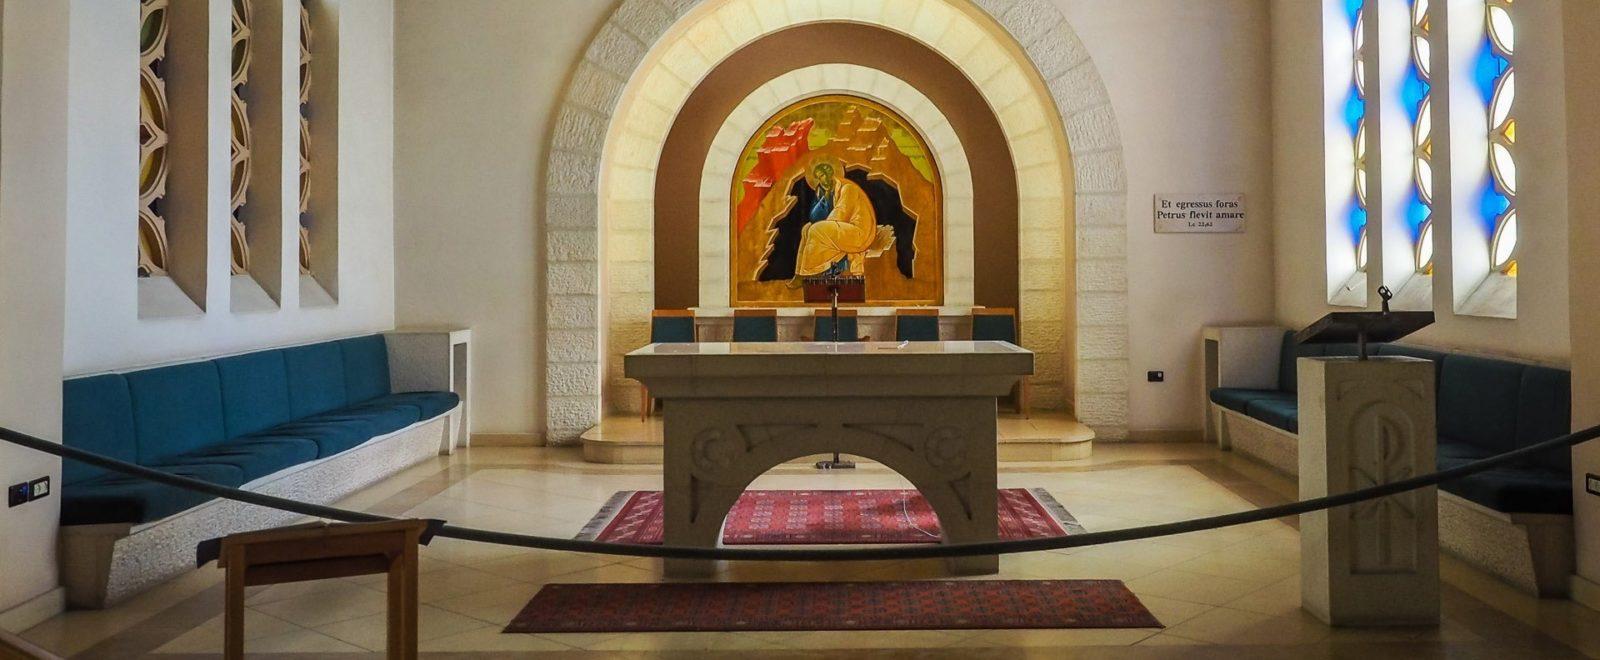 The Church of Saint Peter in Gallicantu, Jerusalem